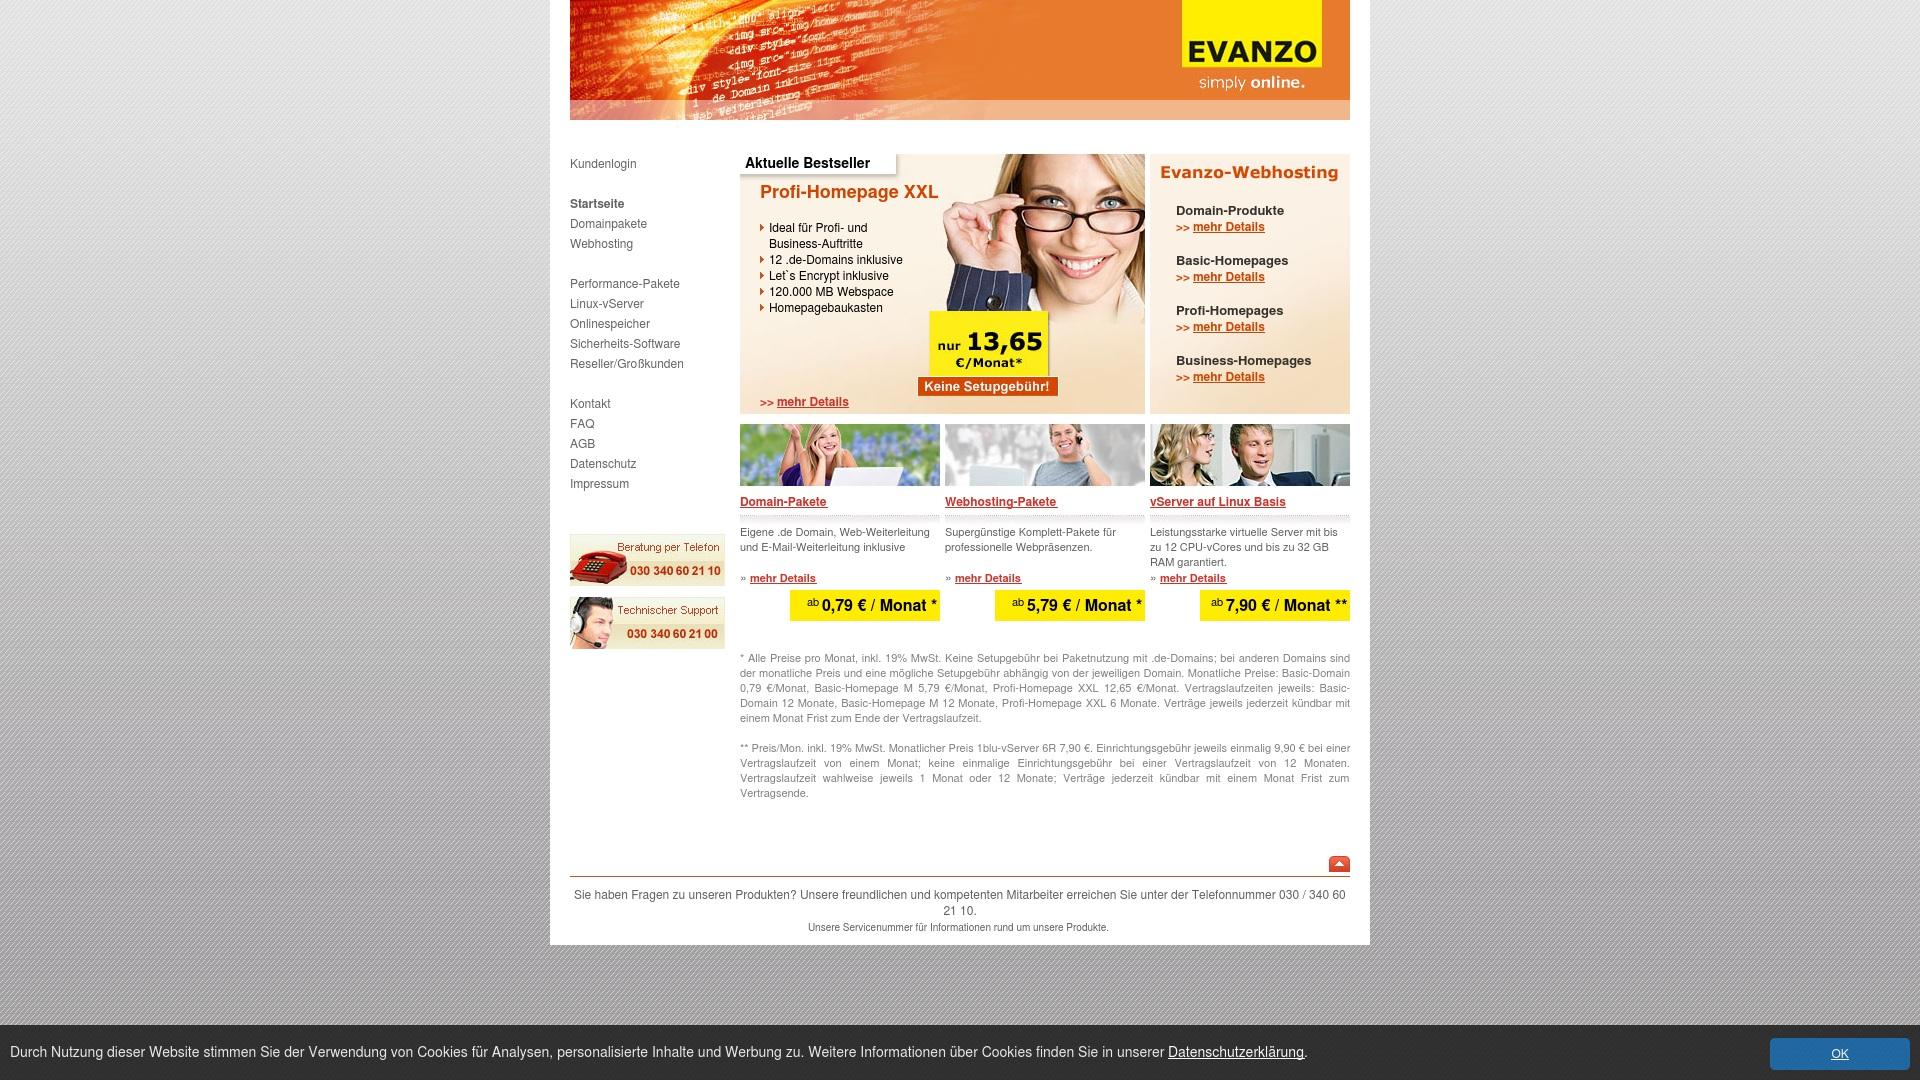 Gutschein für Evanzo: Rabatte für  Evanzo sichern